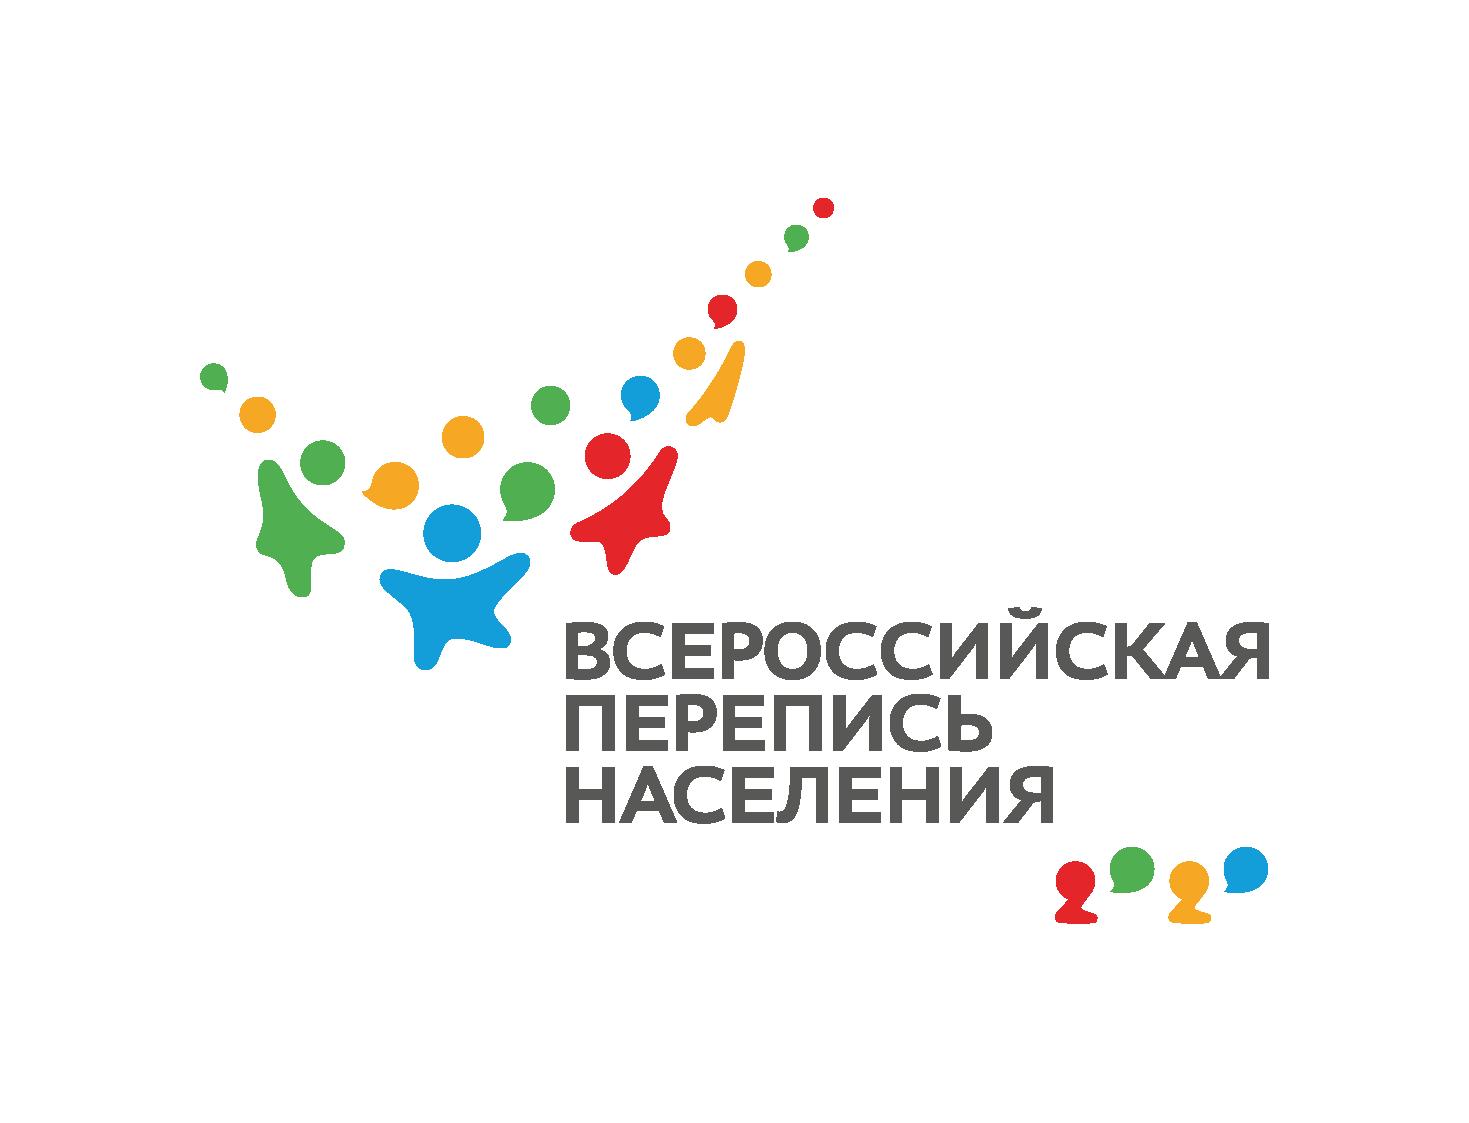 Что такое Всероссийская перепись населения?